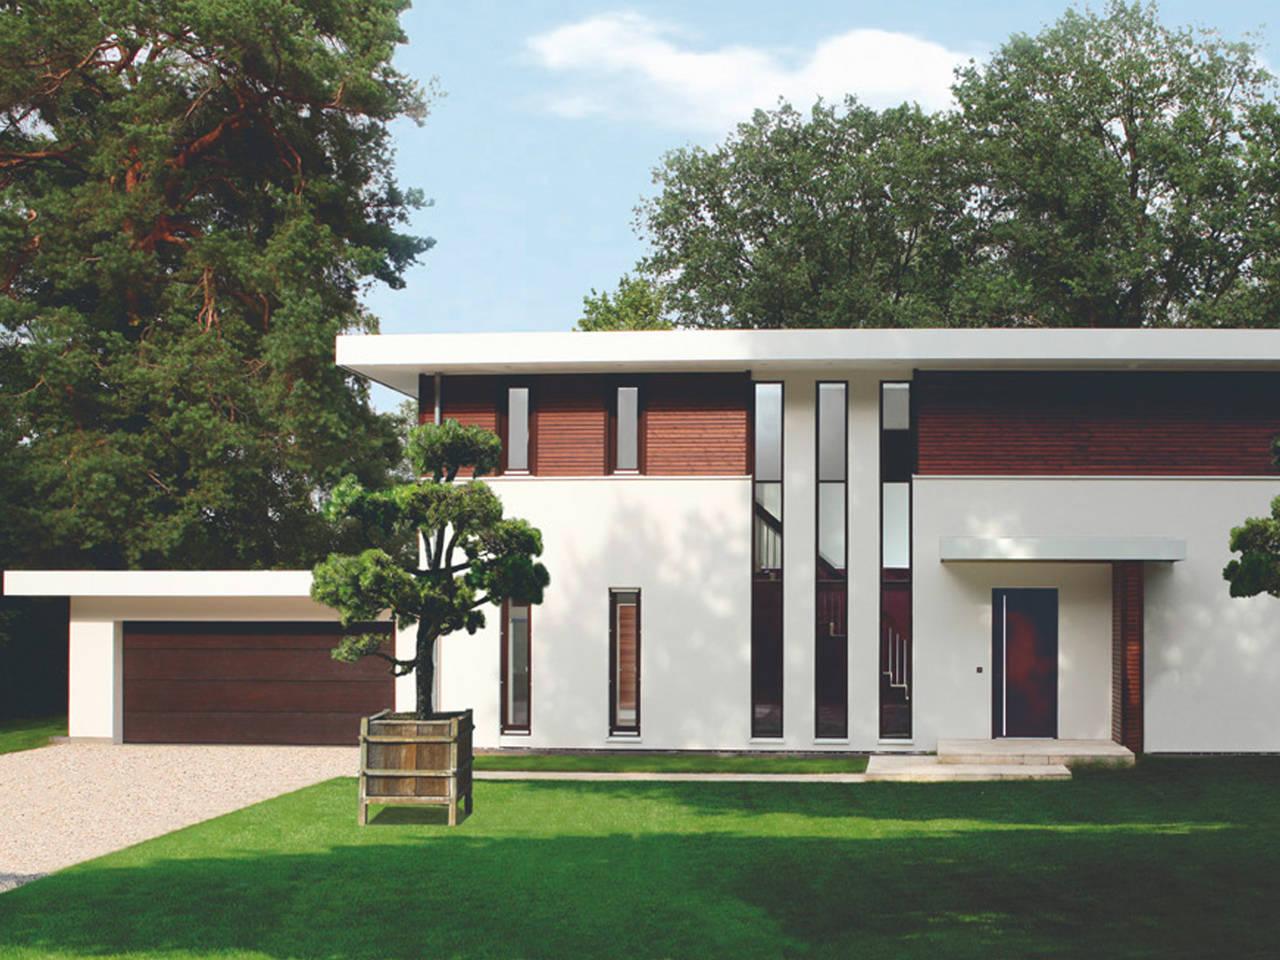 Bauhausvilla Frontansicht von Haacke Haus